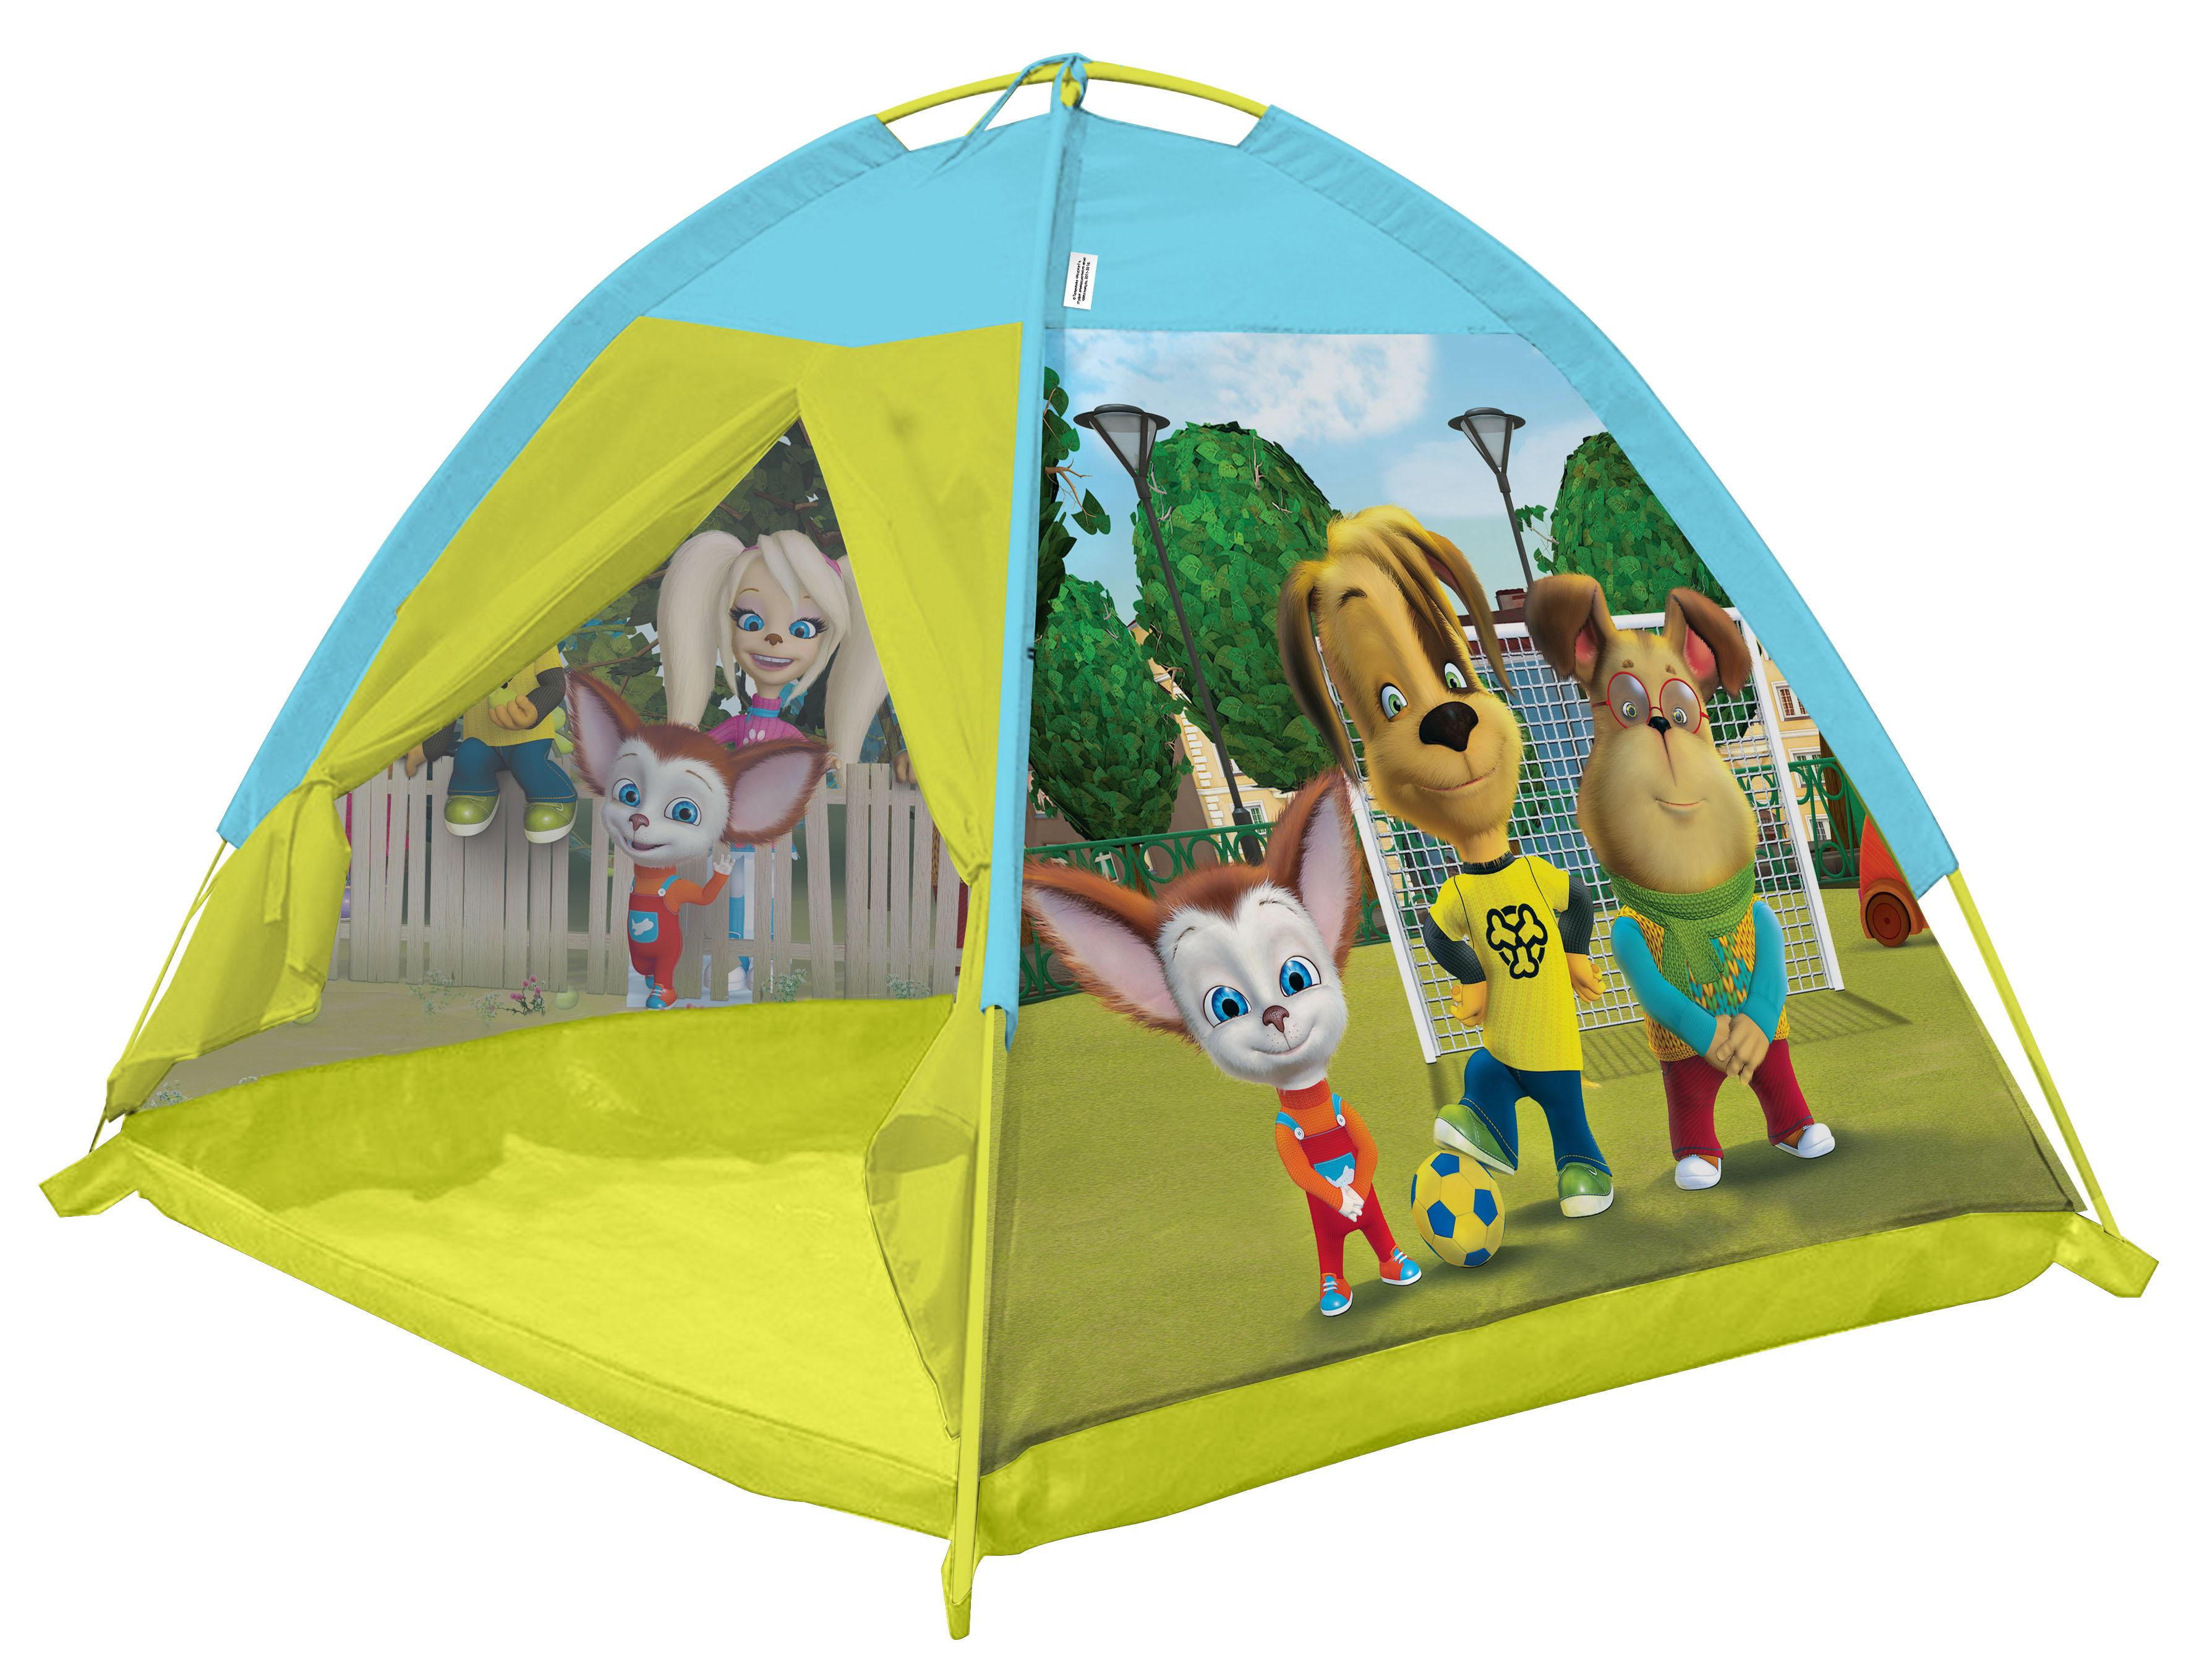 Игровые палатки ЯиГрушка Палатка игровая ЯиГрушка «Барбоскины» 112х112х84 см палатка